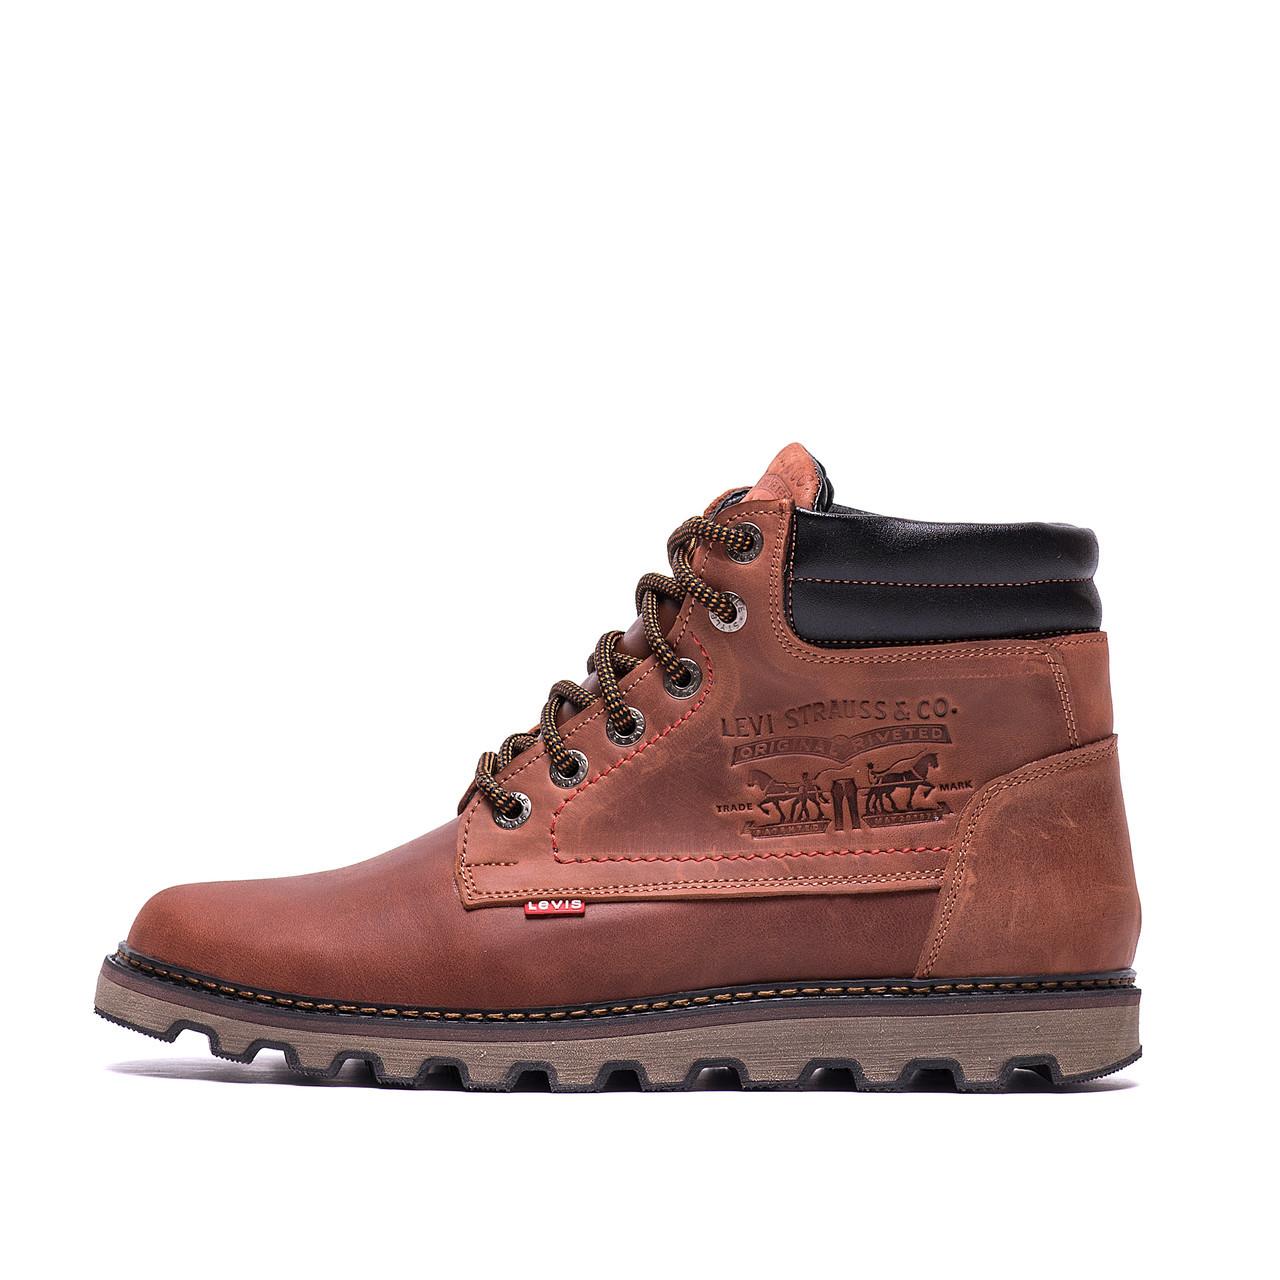 Мужские зимние кожаные ботинки Levis Expensive Fox р. 40 41 42 43 44